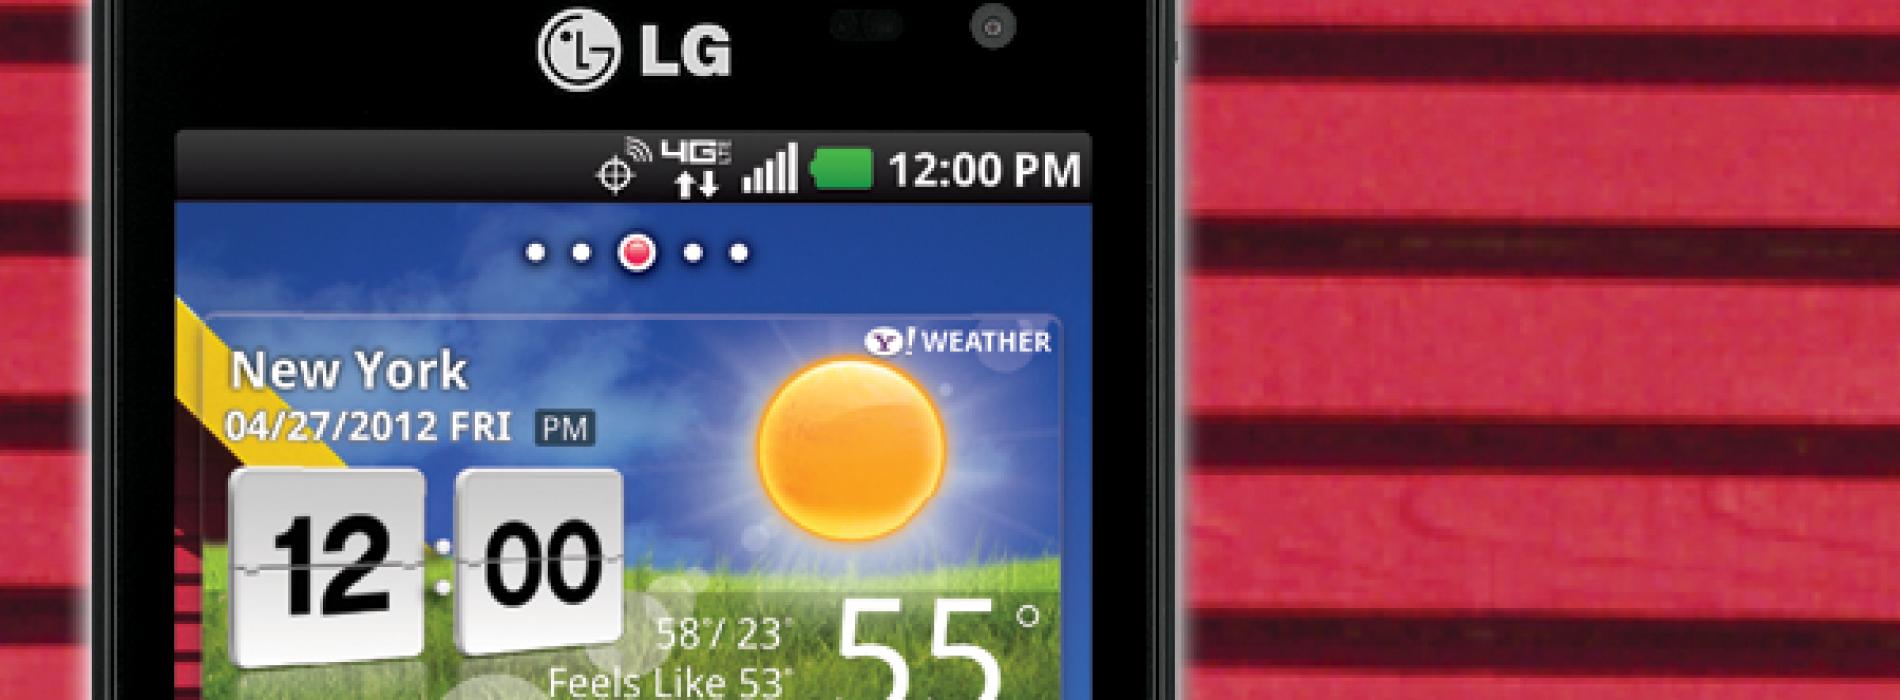 Verizon announces $79 LG Lucid for March 29